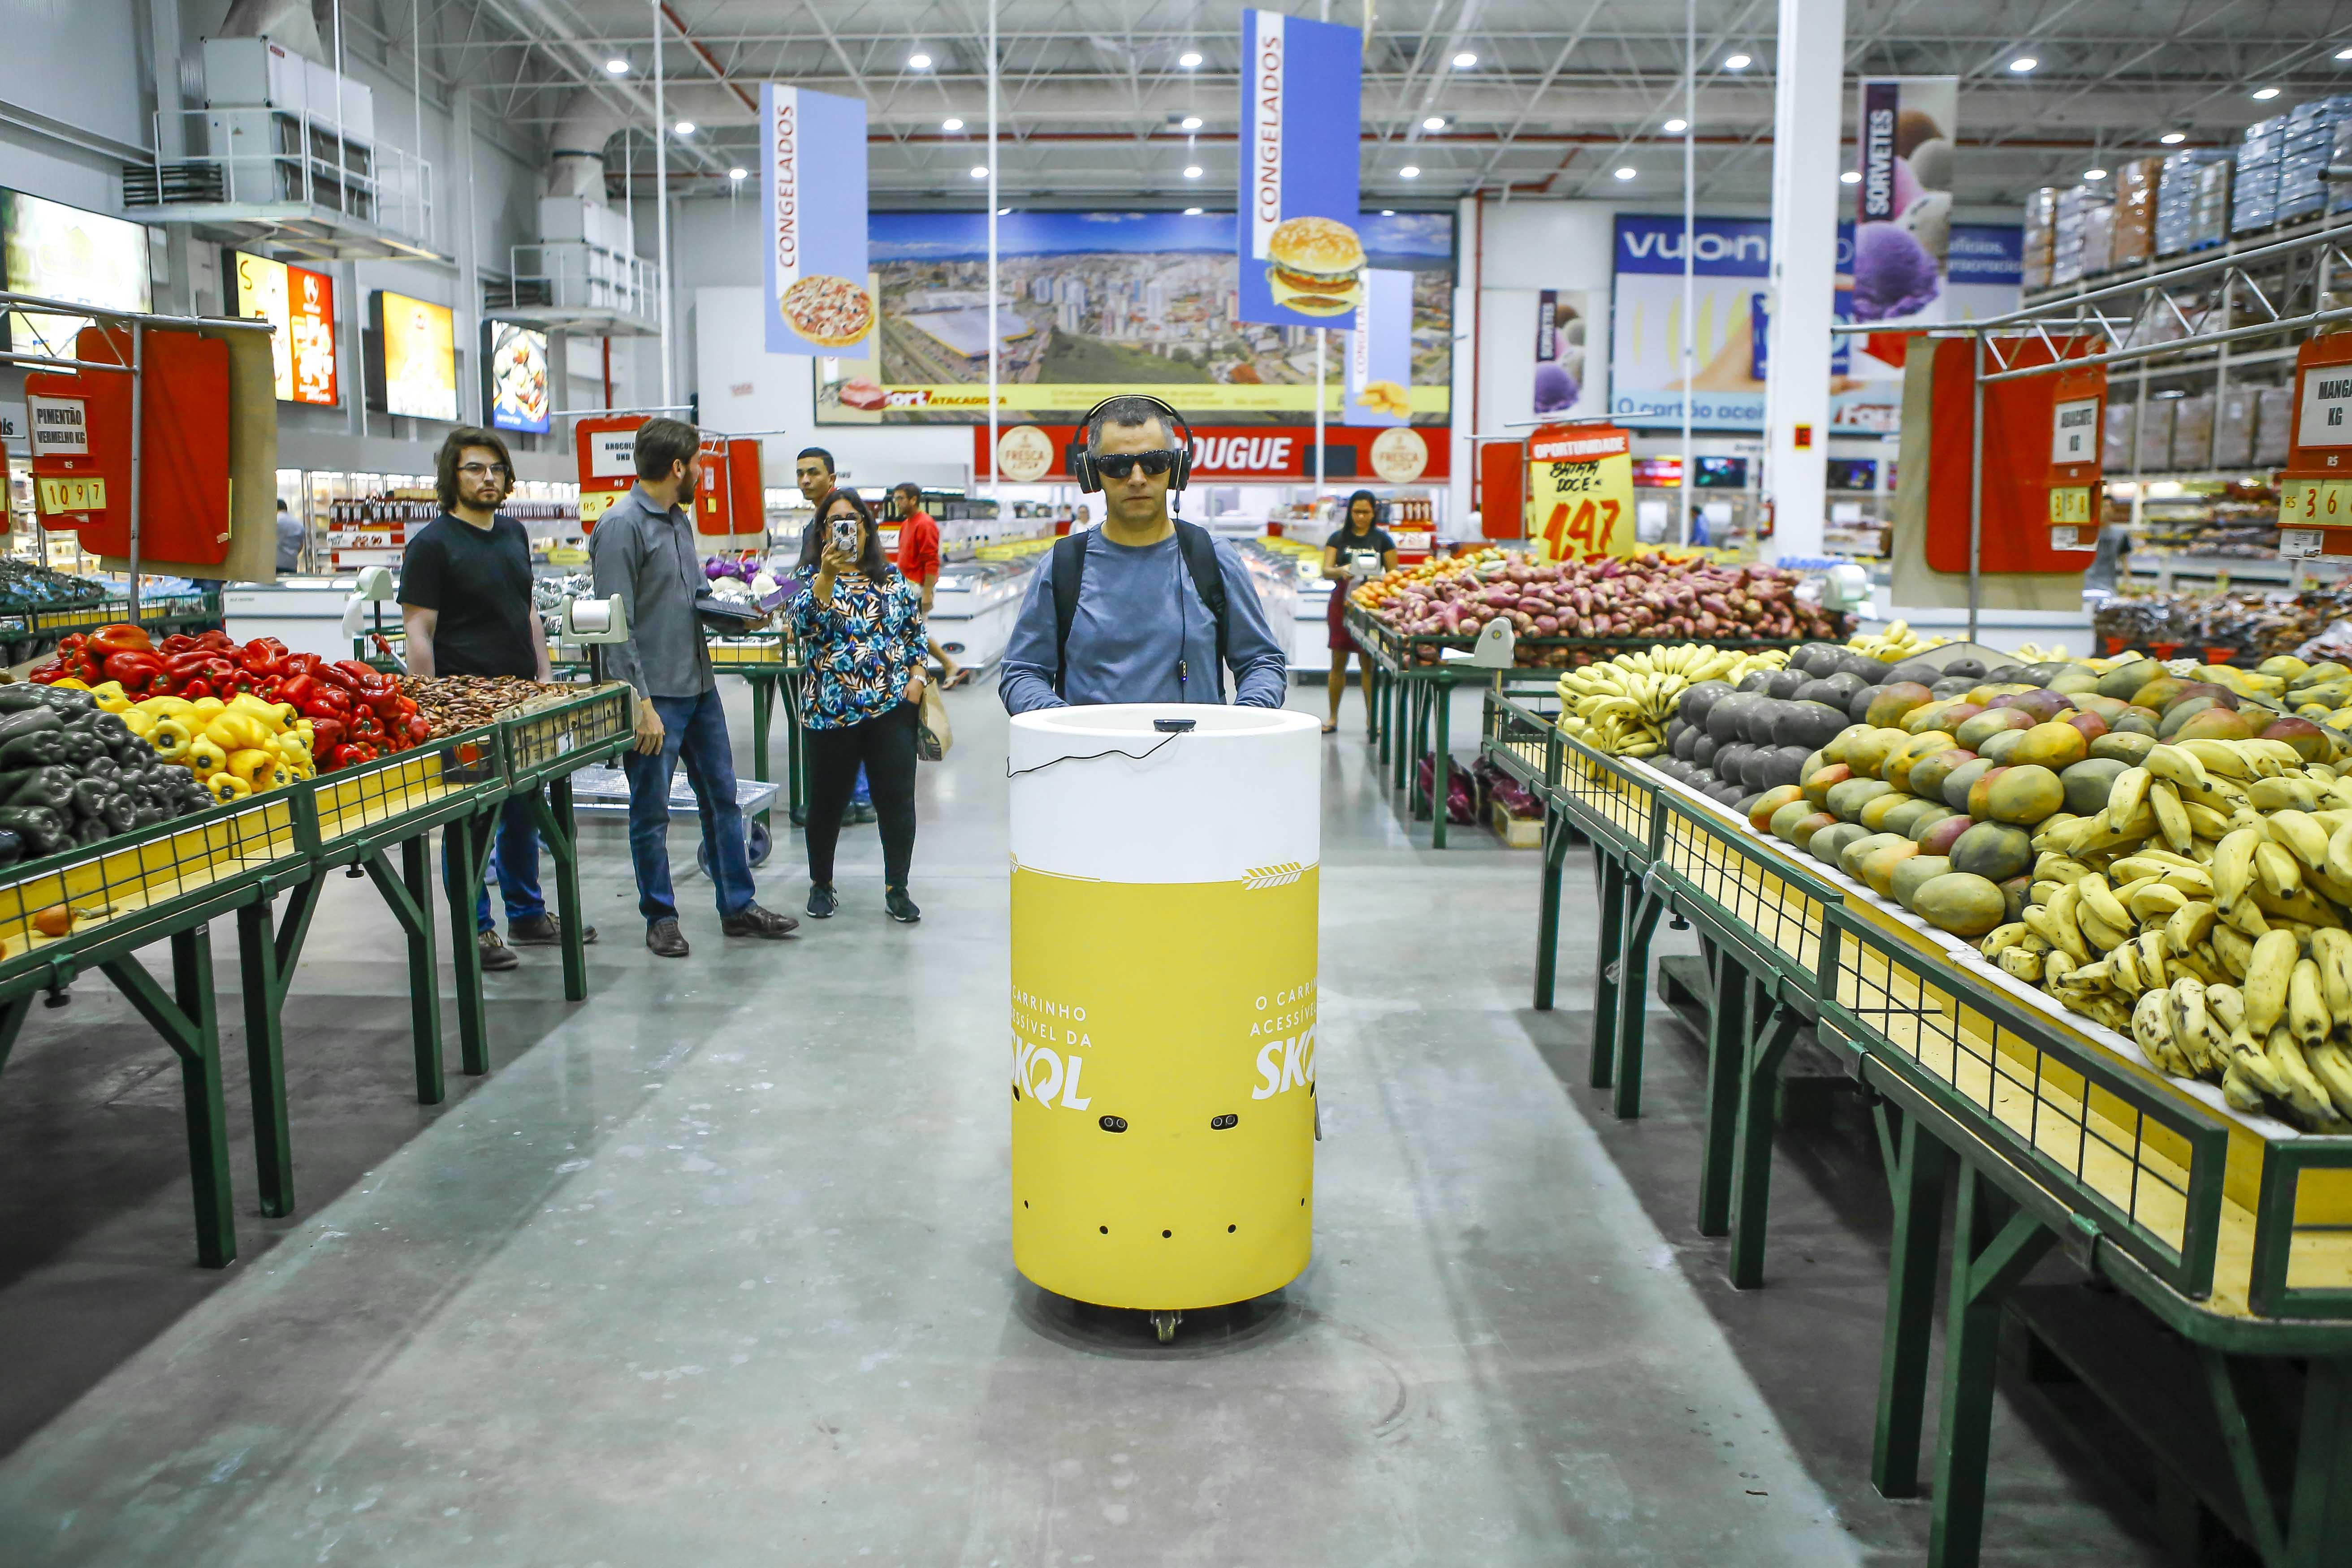 SKOL carrinho deficientes visuais supermercados